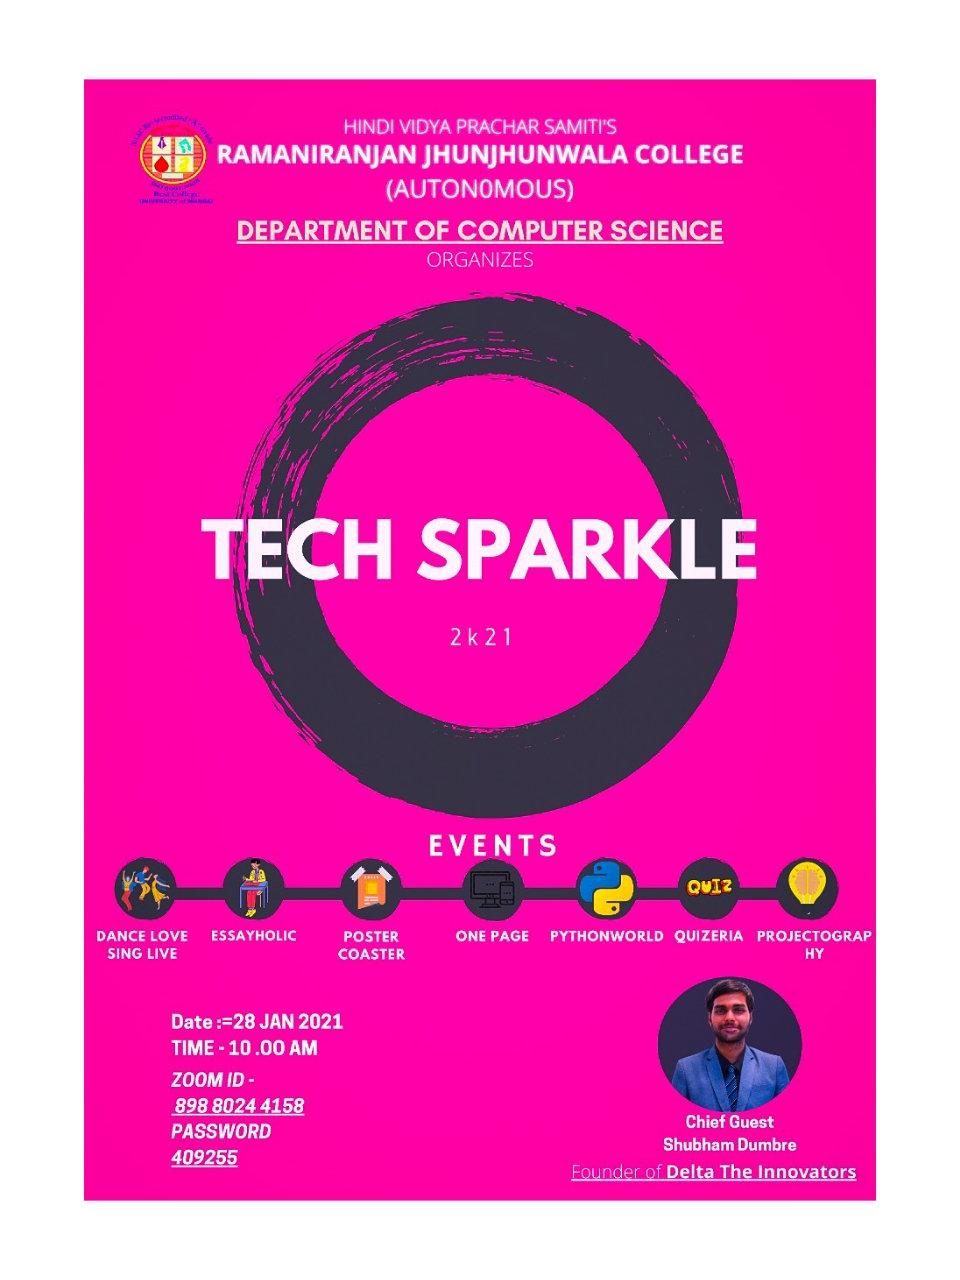 Chief Guest @ Techsparkle